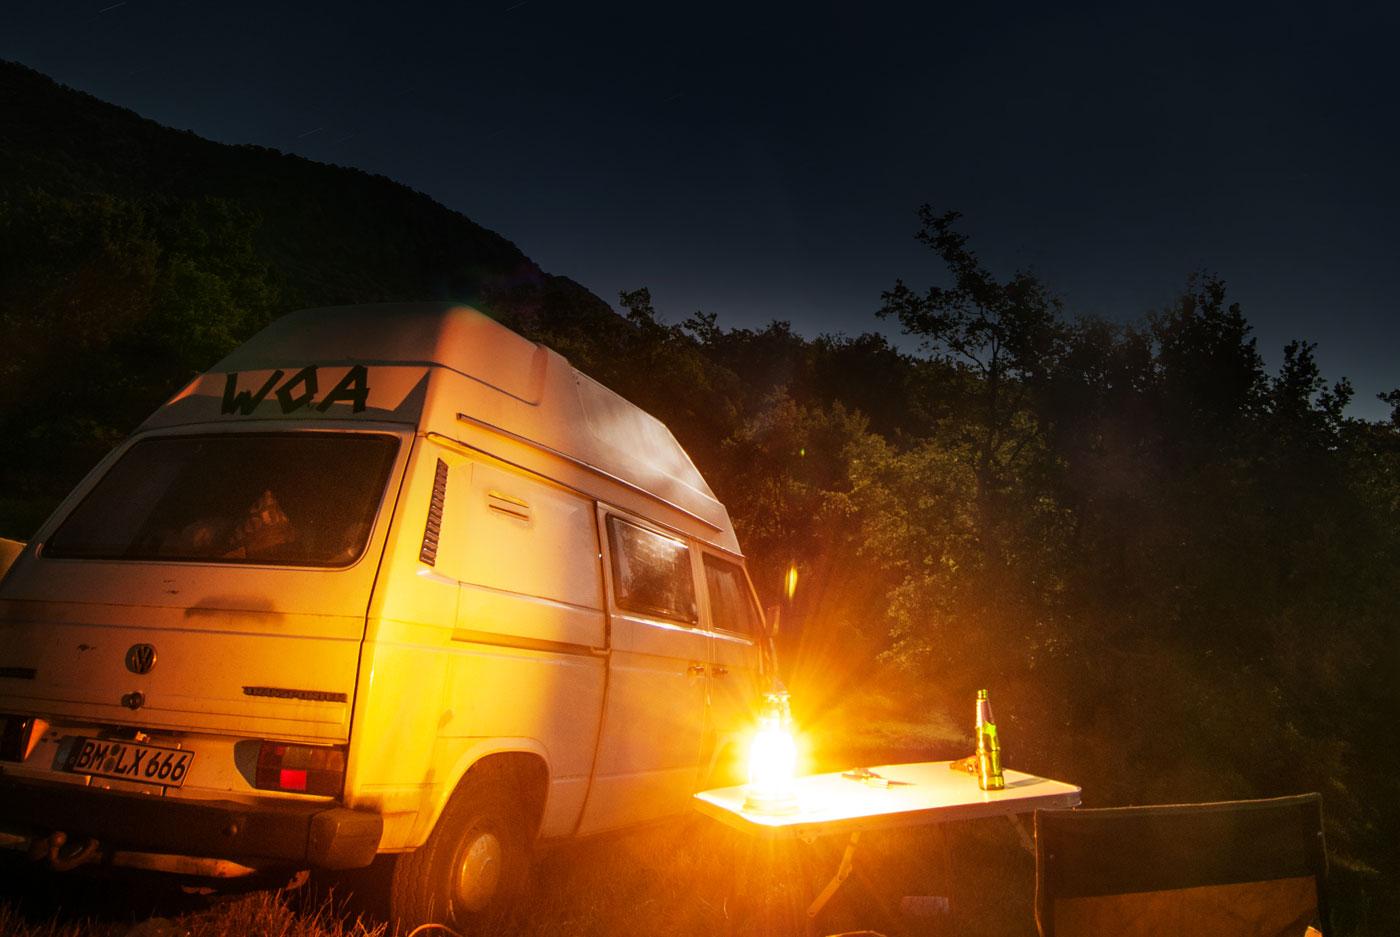 VW-T3 und Sabine warten am Nachtplatz